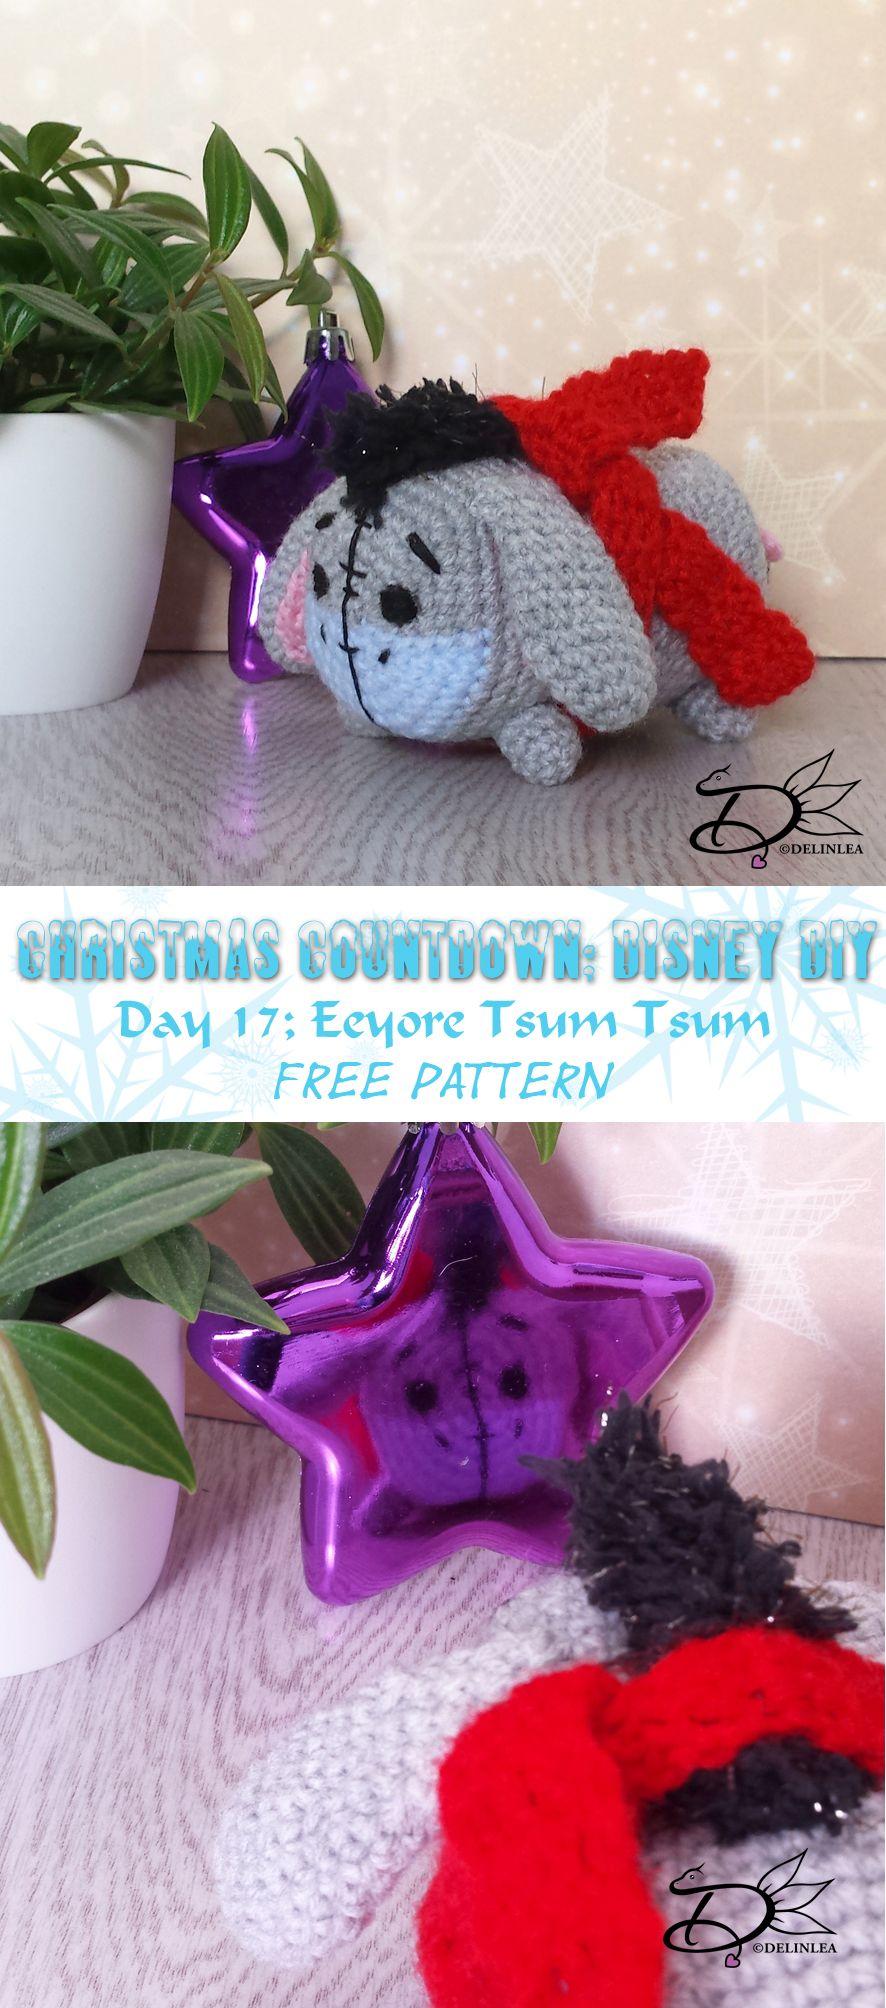 ♥ Day 17: Eeyore Tsum Tsum Amigurumi - Delinlea - My little fantasy ...